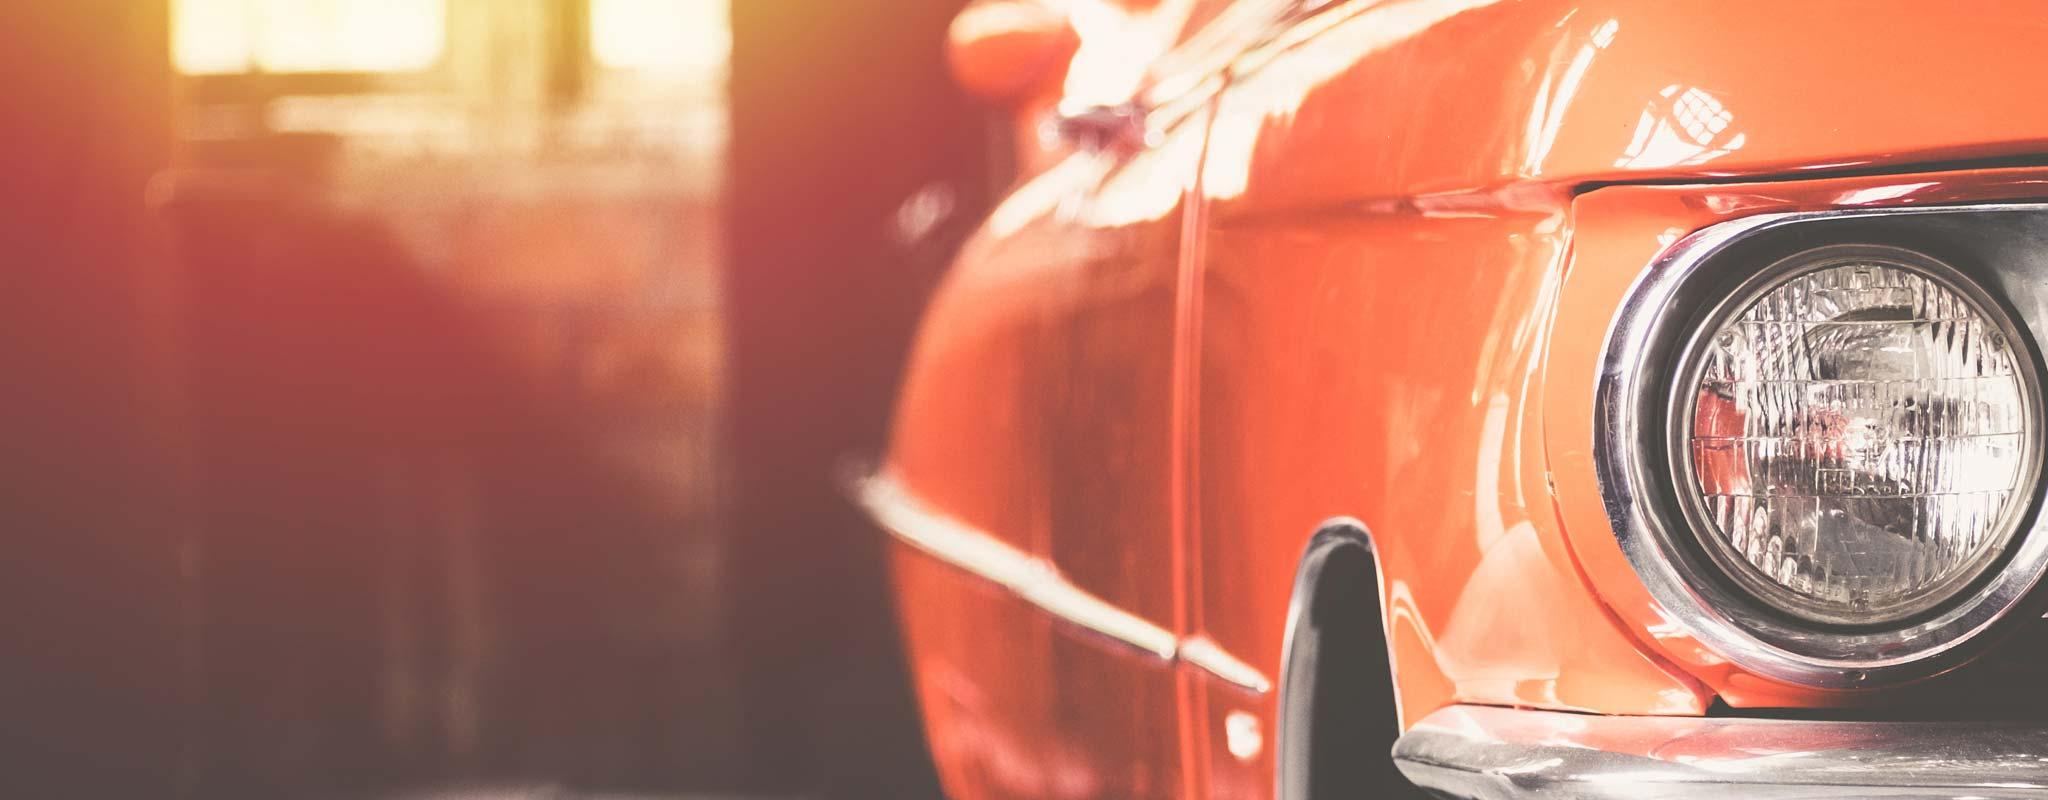 A red classic car in a garage.